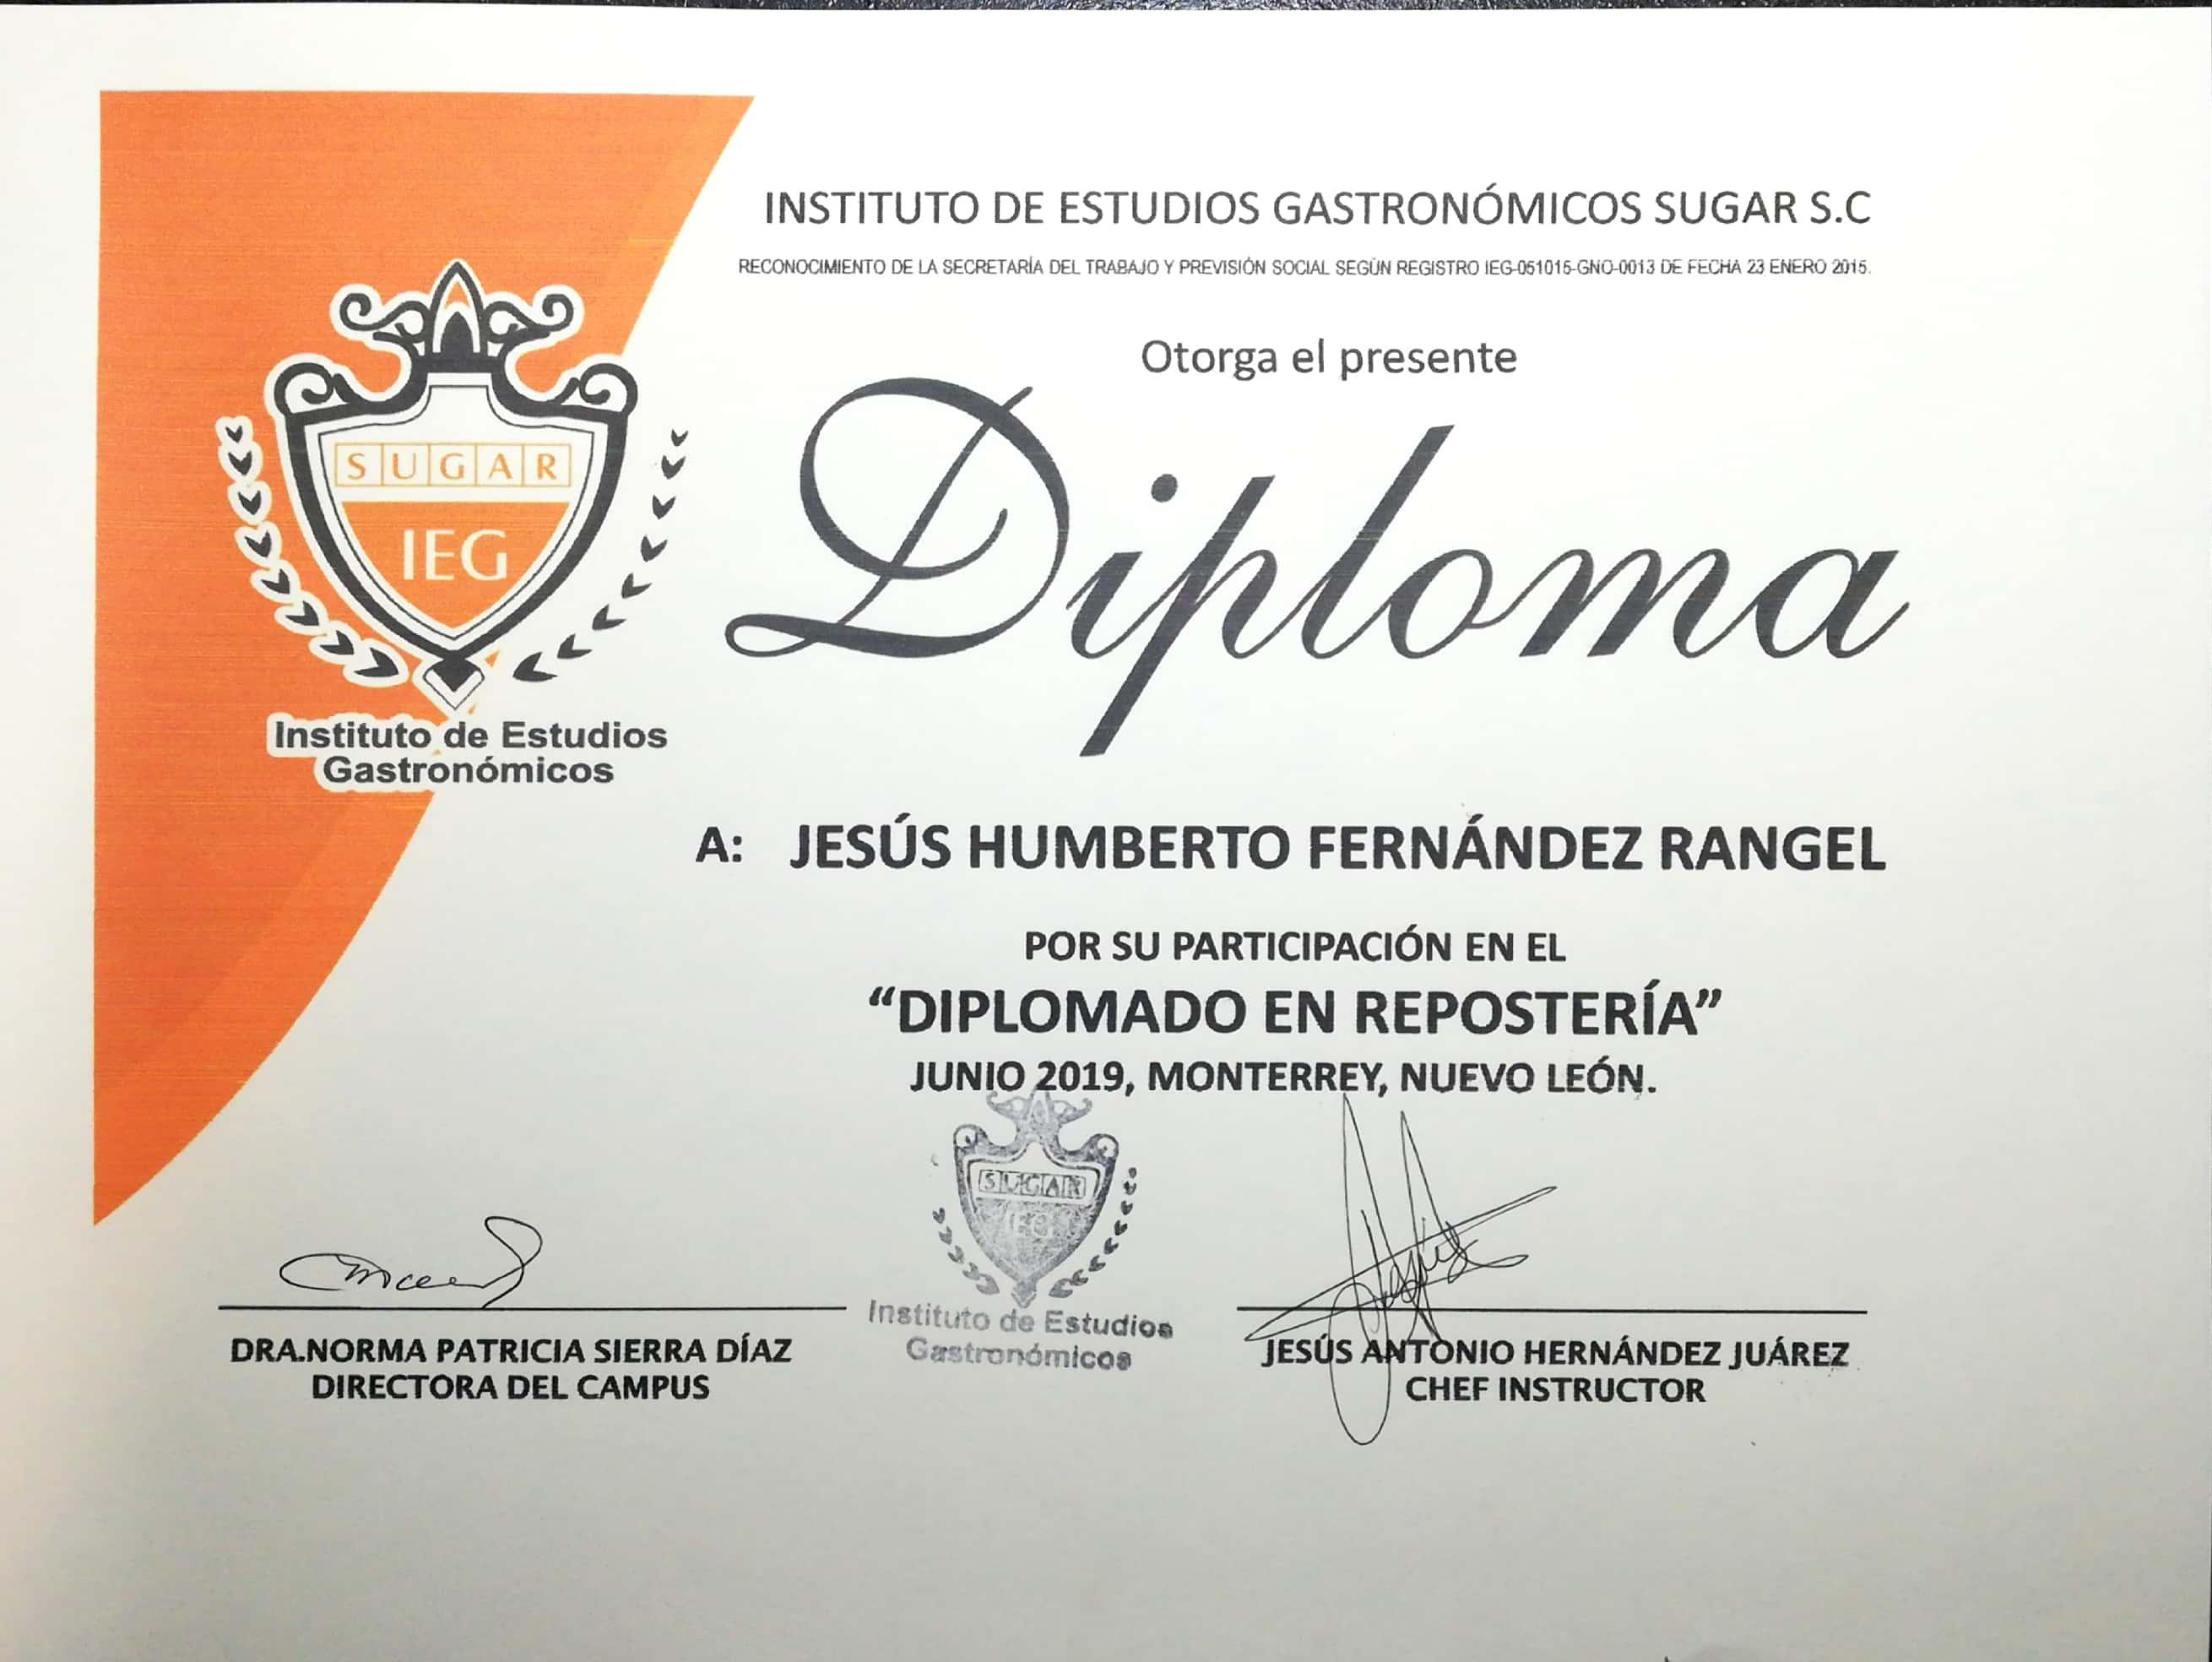 Diplomado Repostería